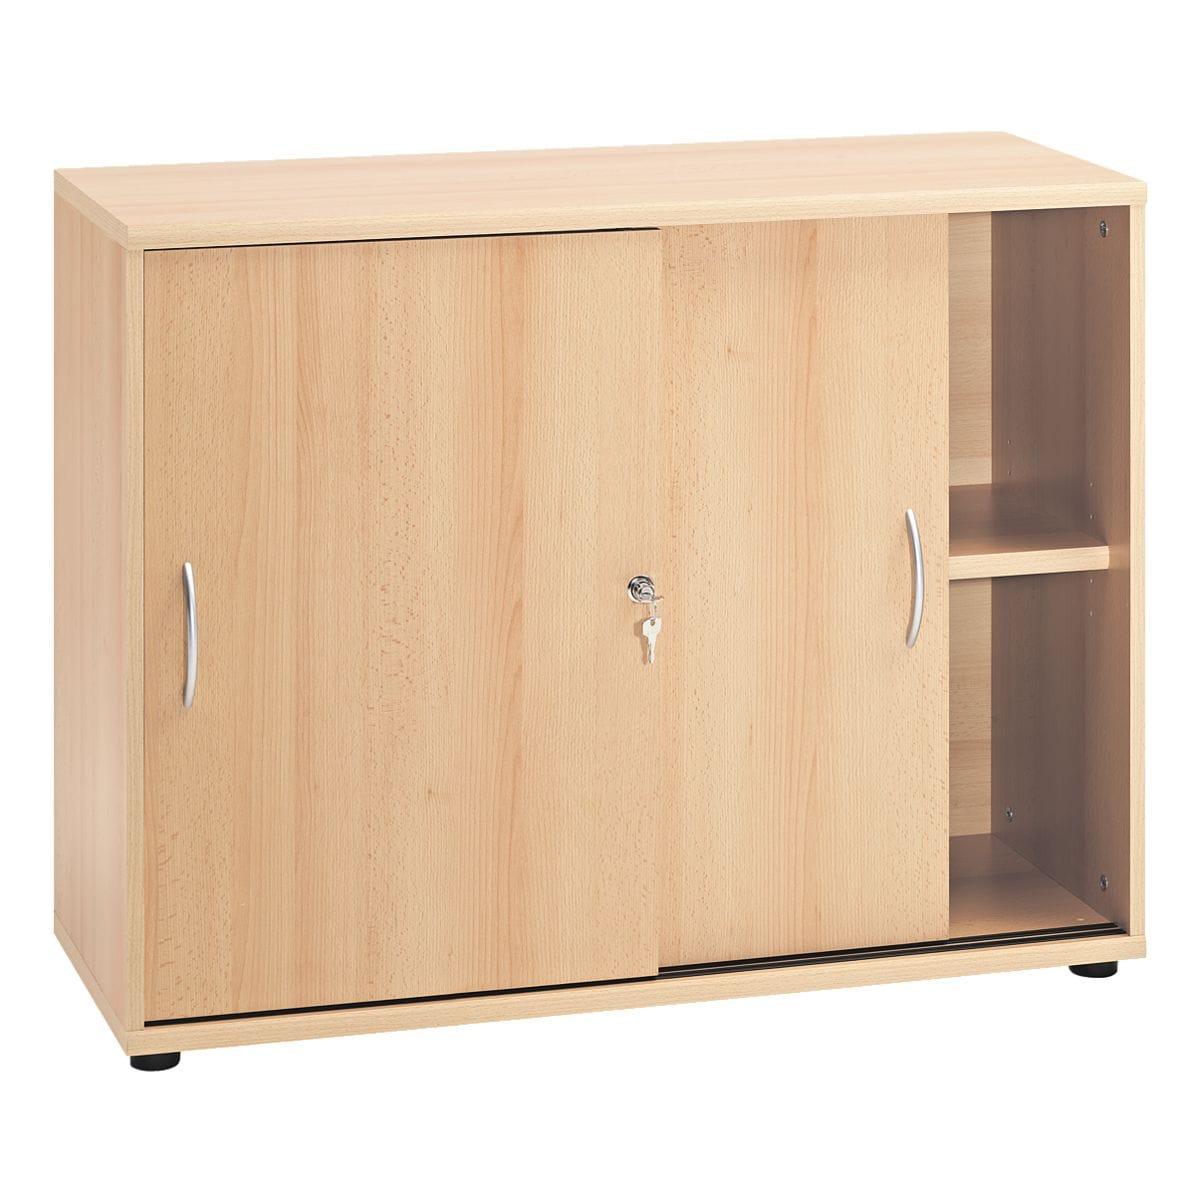 schiebet renschrank 2 oh bei otto office g nstig kaufen. Black Bedroom Furniture Sets. Home Design Ideas